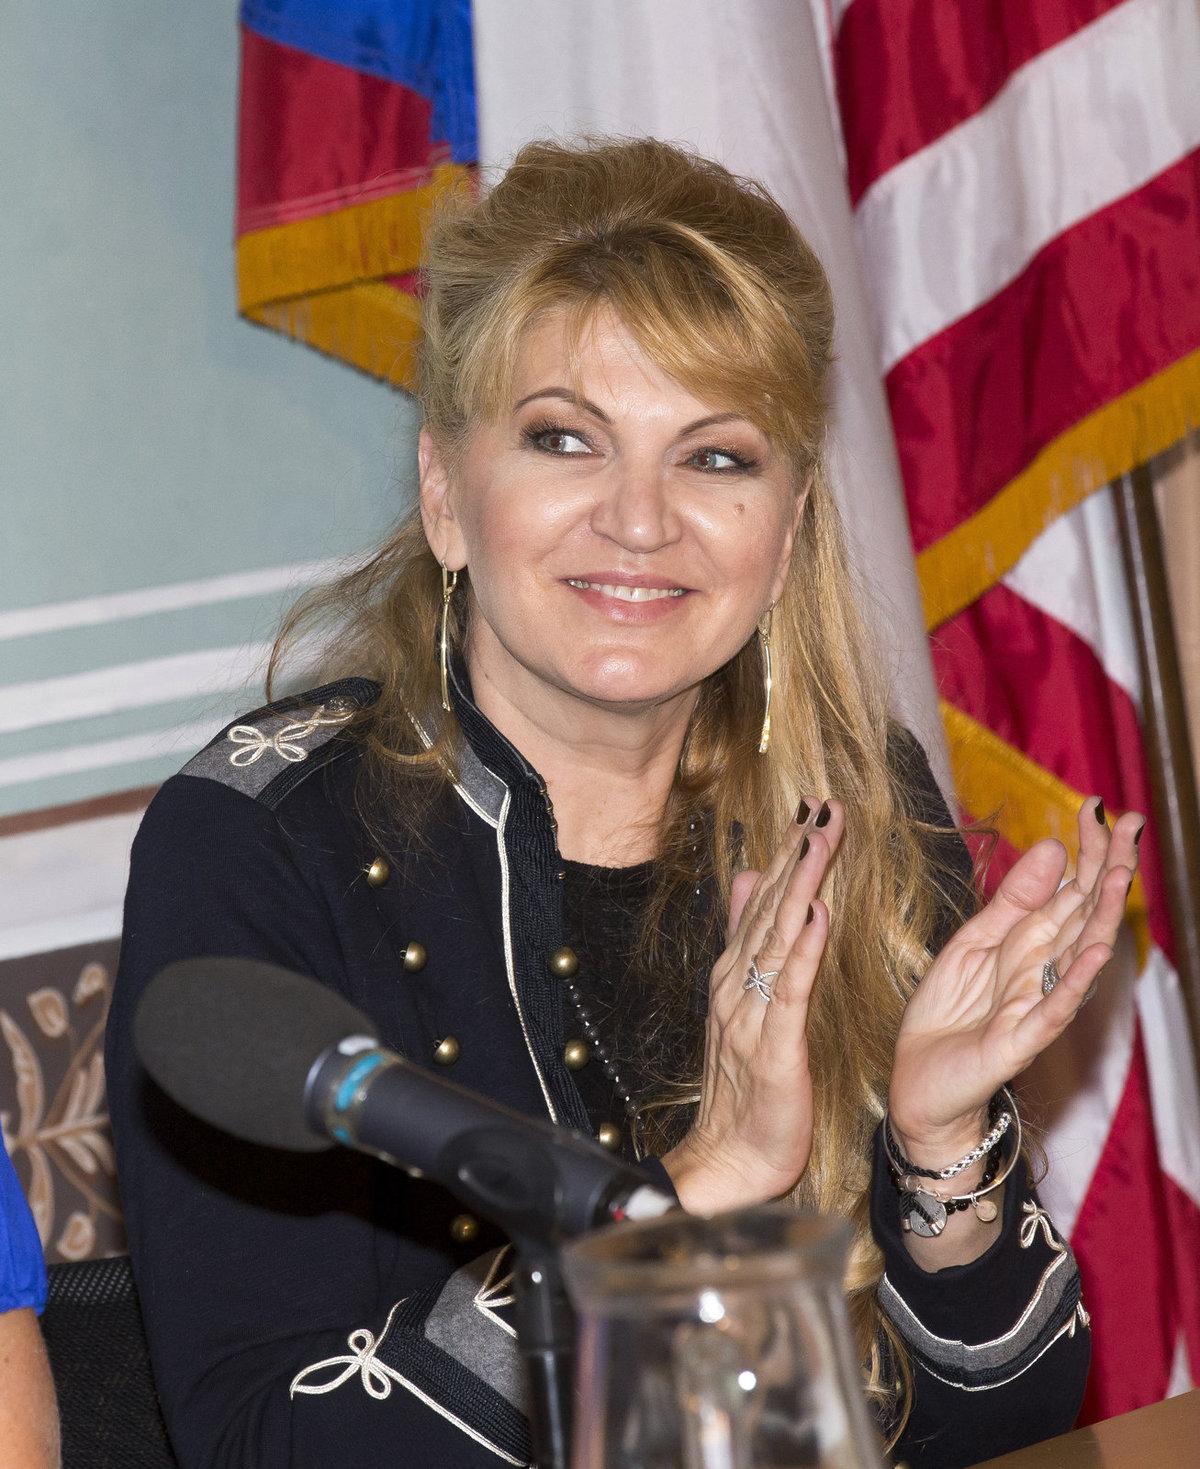 Martna Formanová